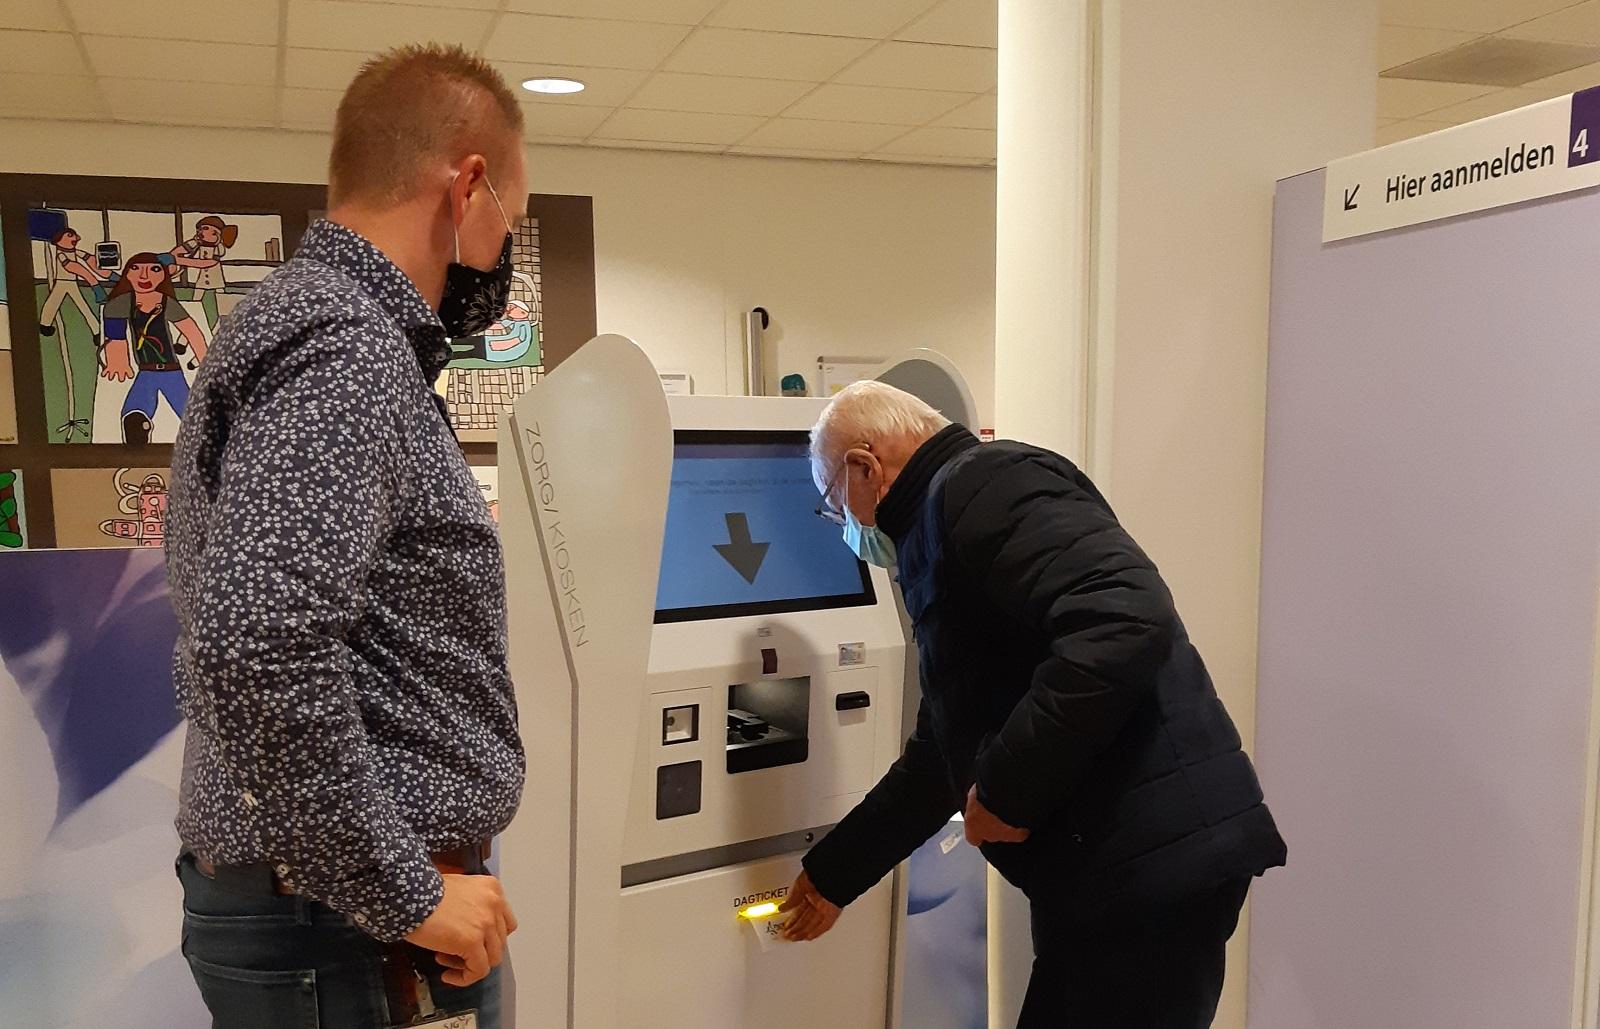 Roel Rinkens van SJG Weert helpt een patiënt bij de aanmeldzuil